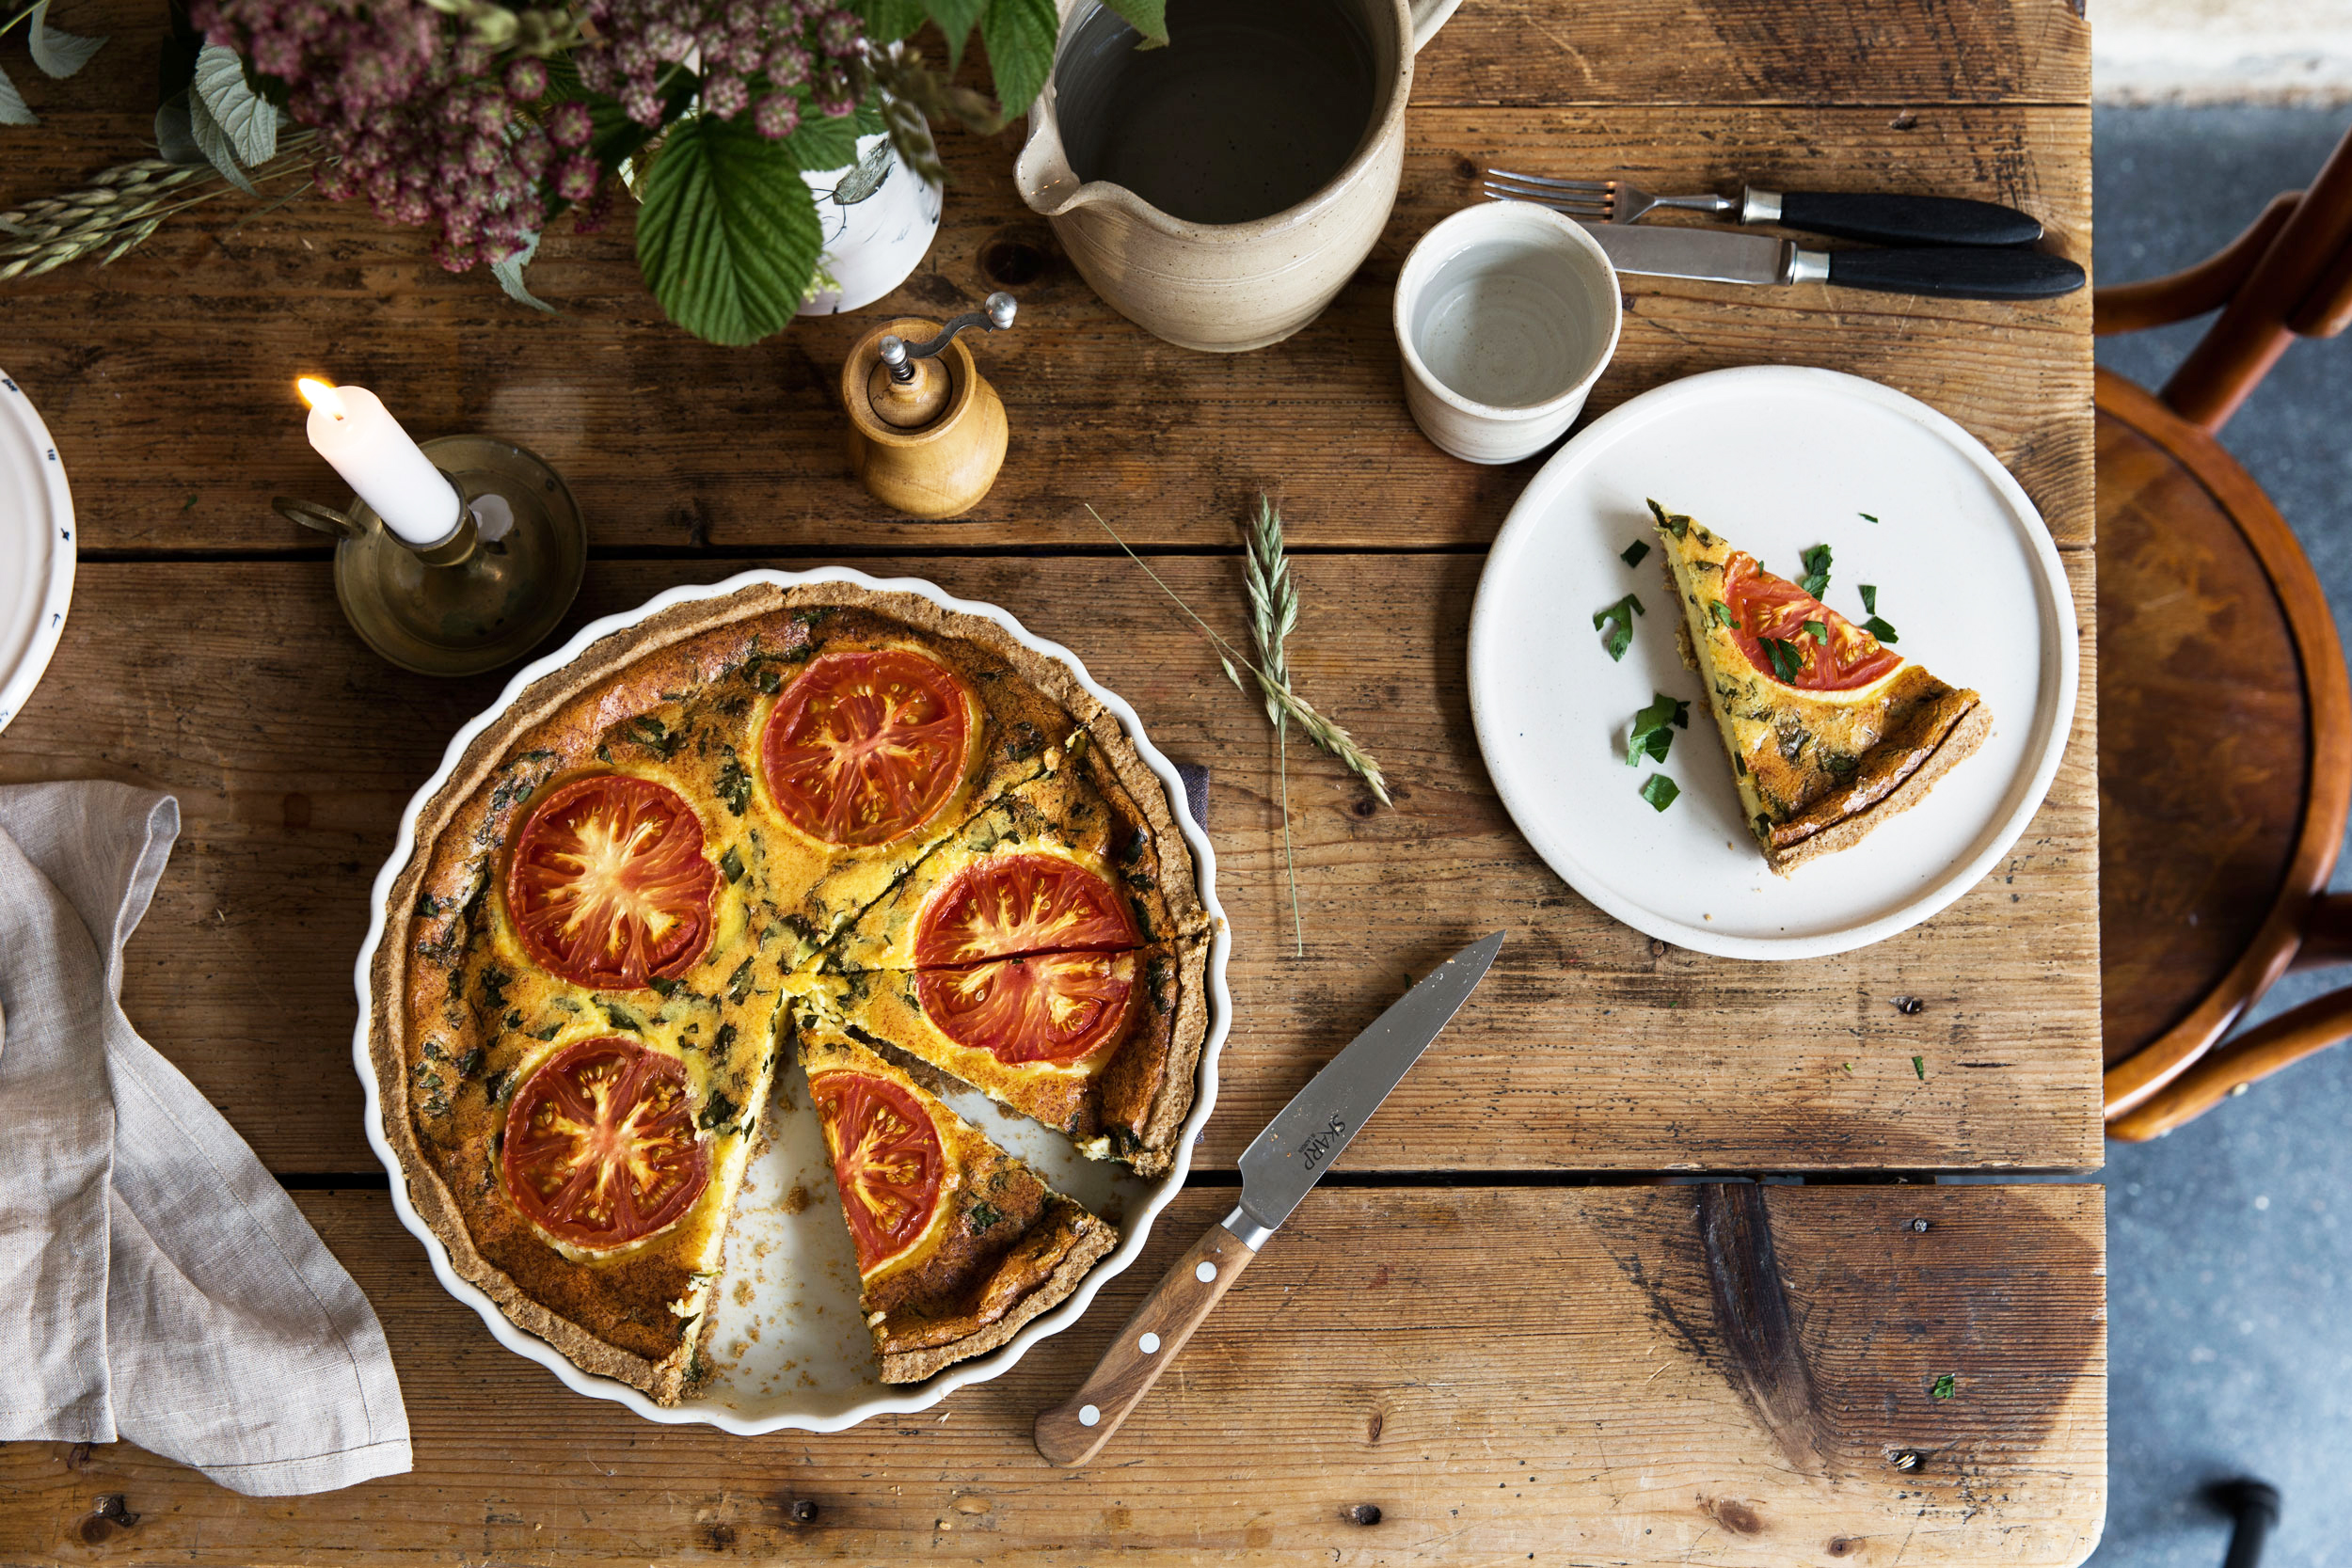 Tomaten-Quiche auf Holztisch